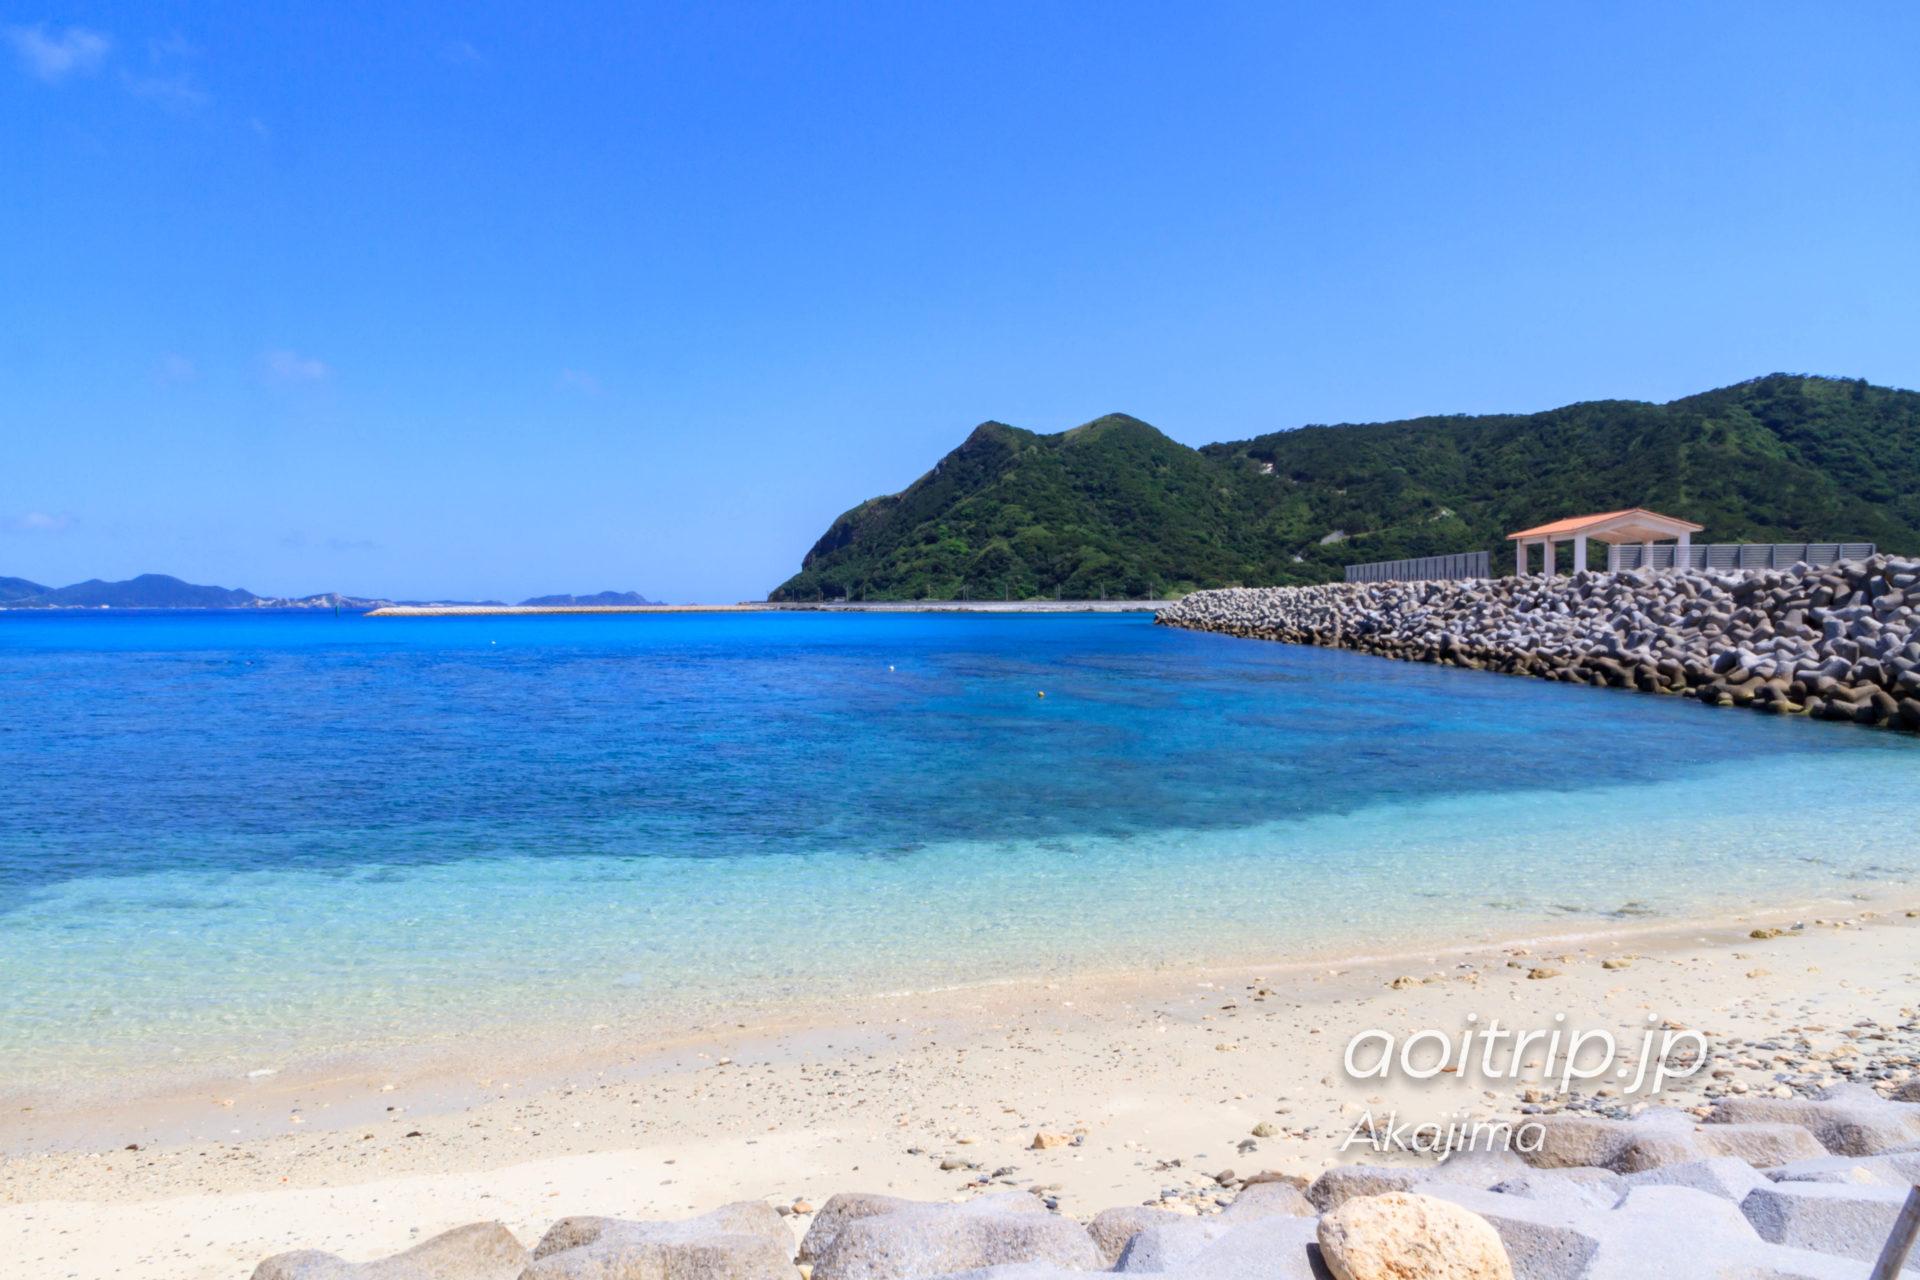 阿嘉島の阿嘉ビーチ